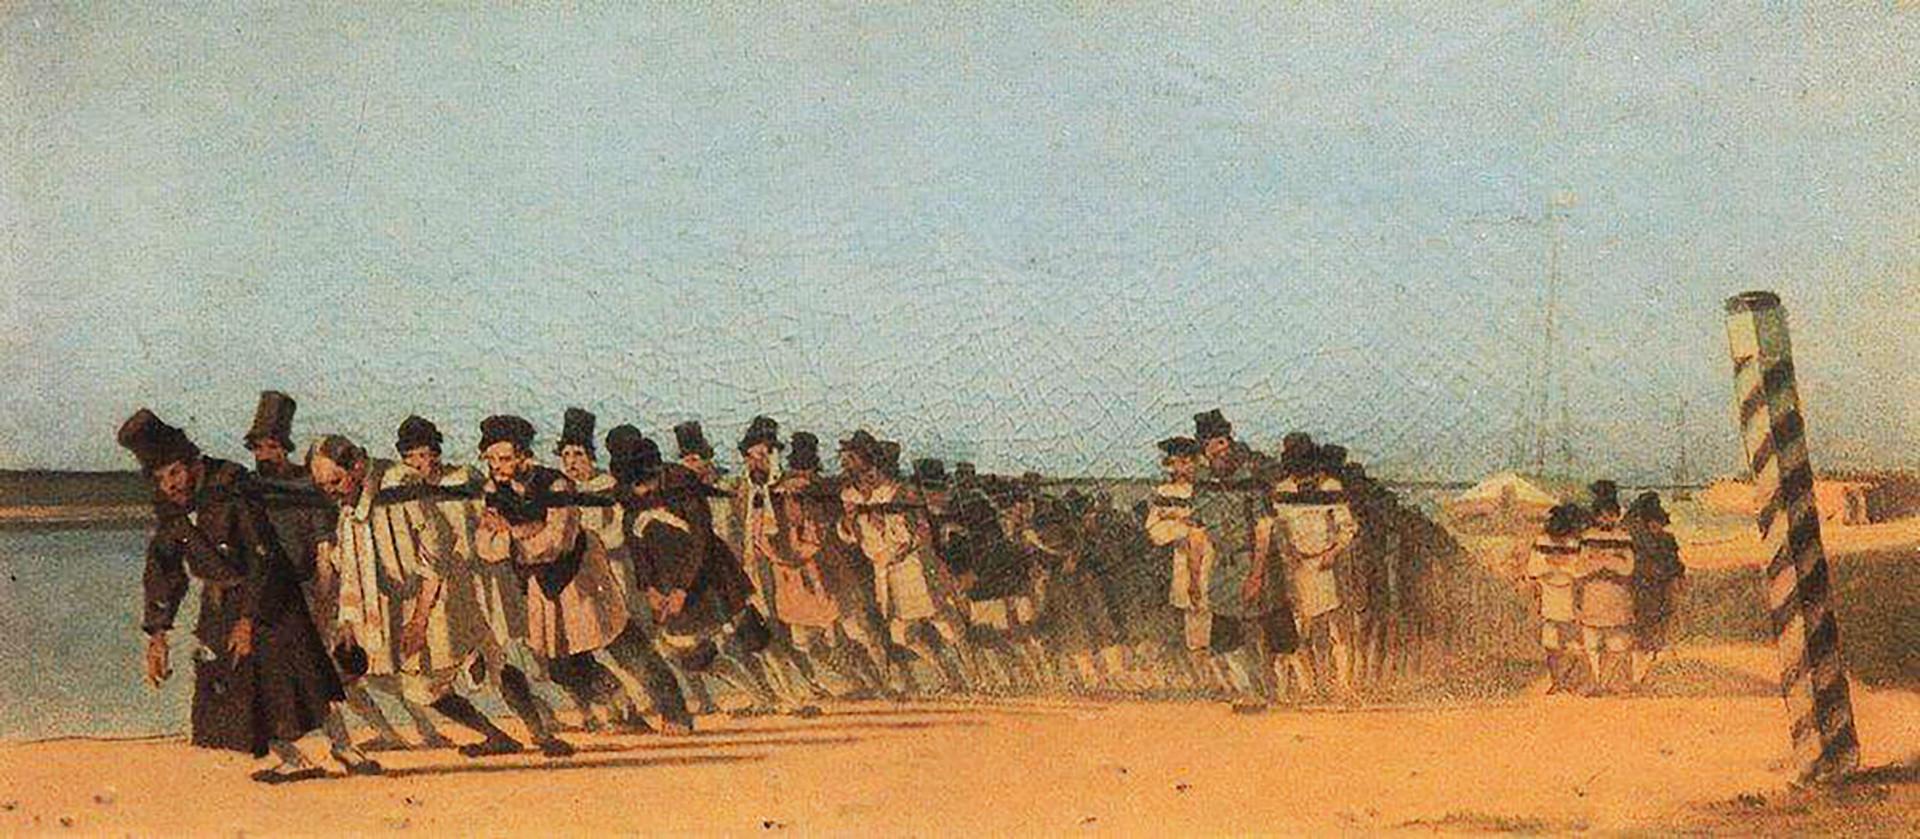 「船引き」(1866年)、ヴァシーリー・ヴェレシチャーギン画